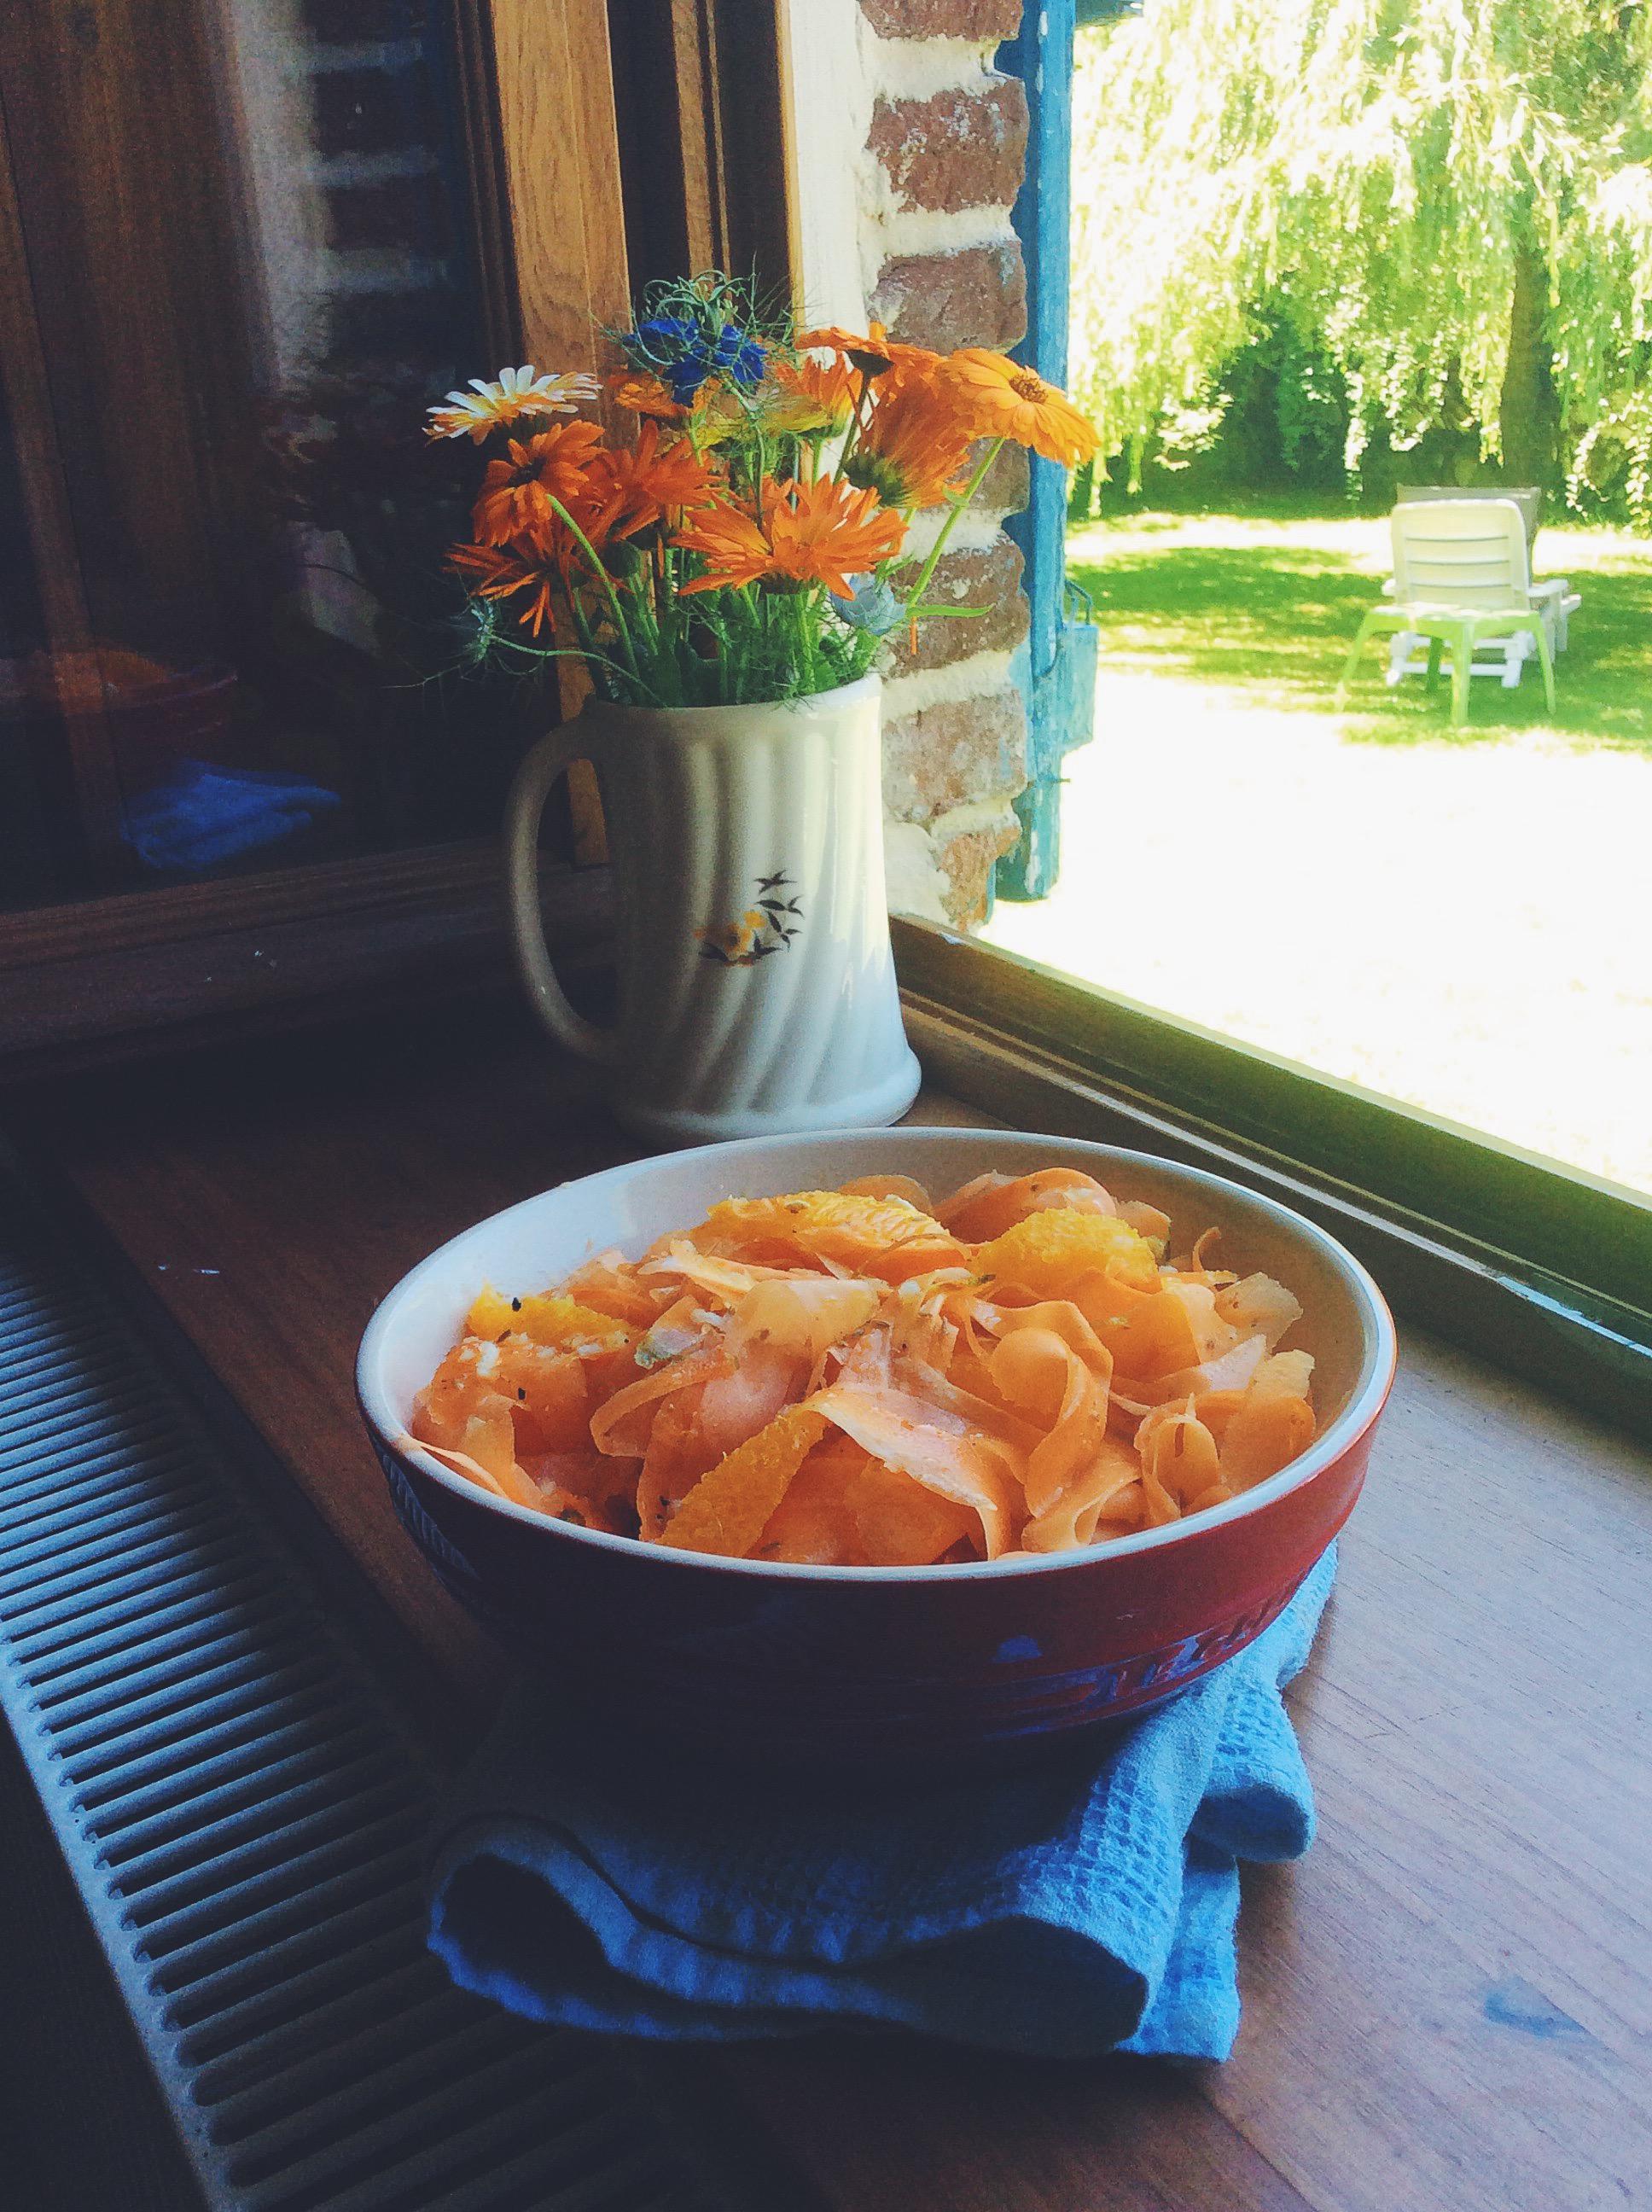 法國家常沙拉—甜橙紅蘿蔔茴香寬麵沙拉